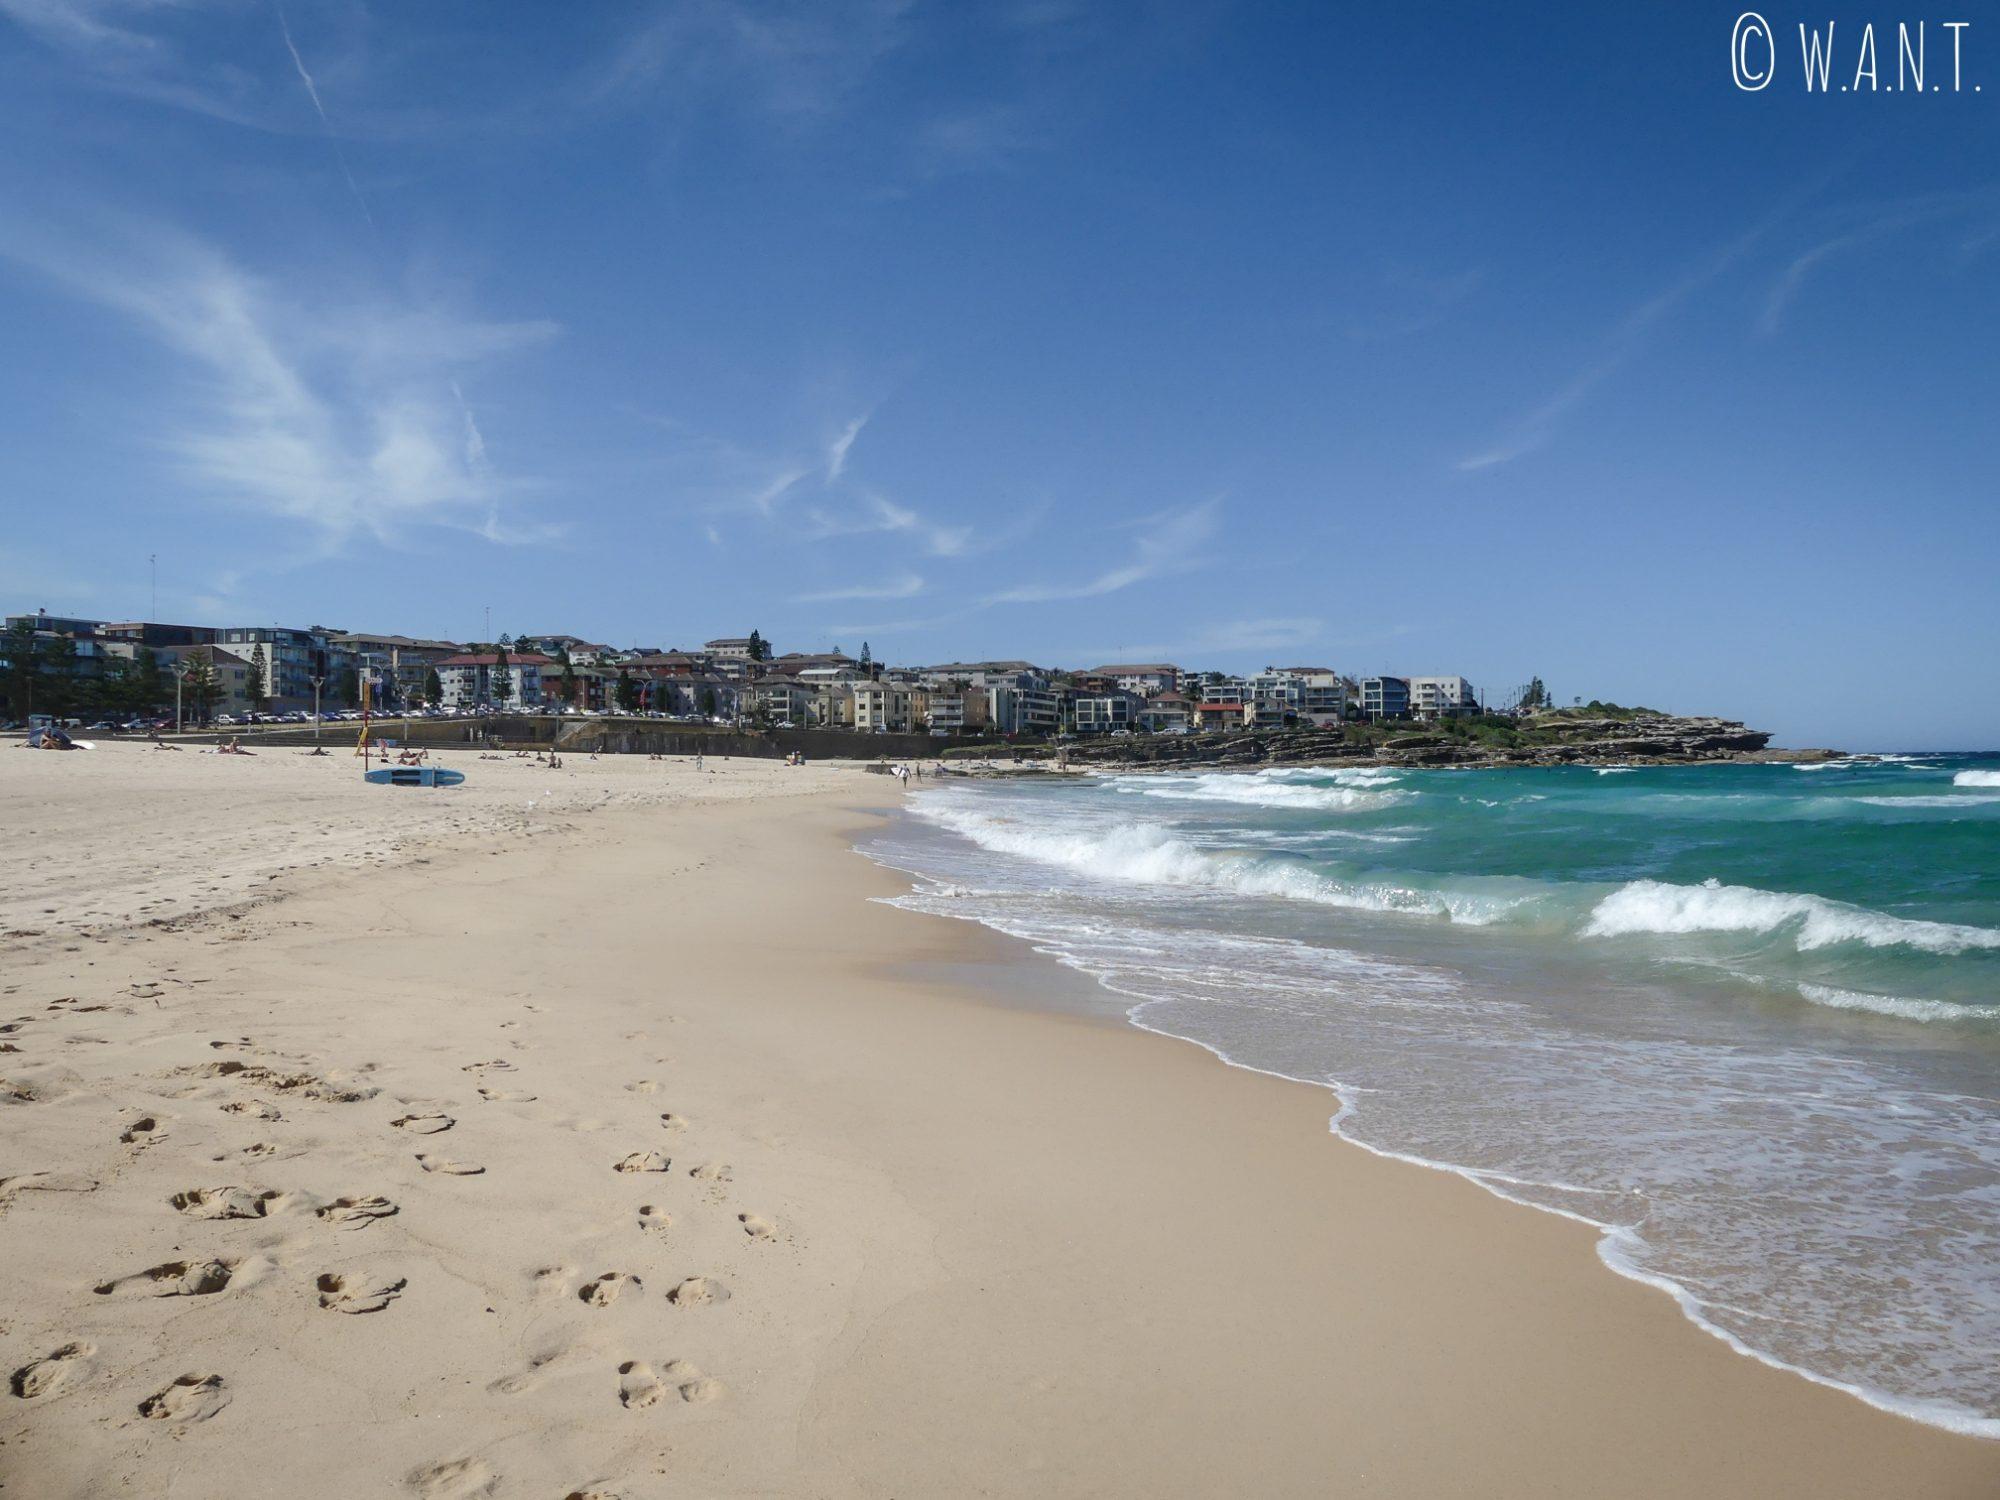 Superbe plage de Maroubra près de Sydney